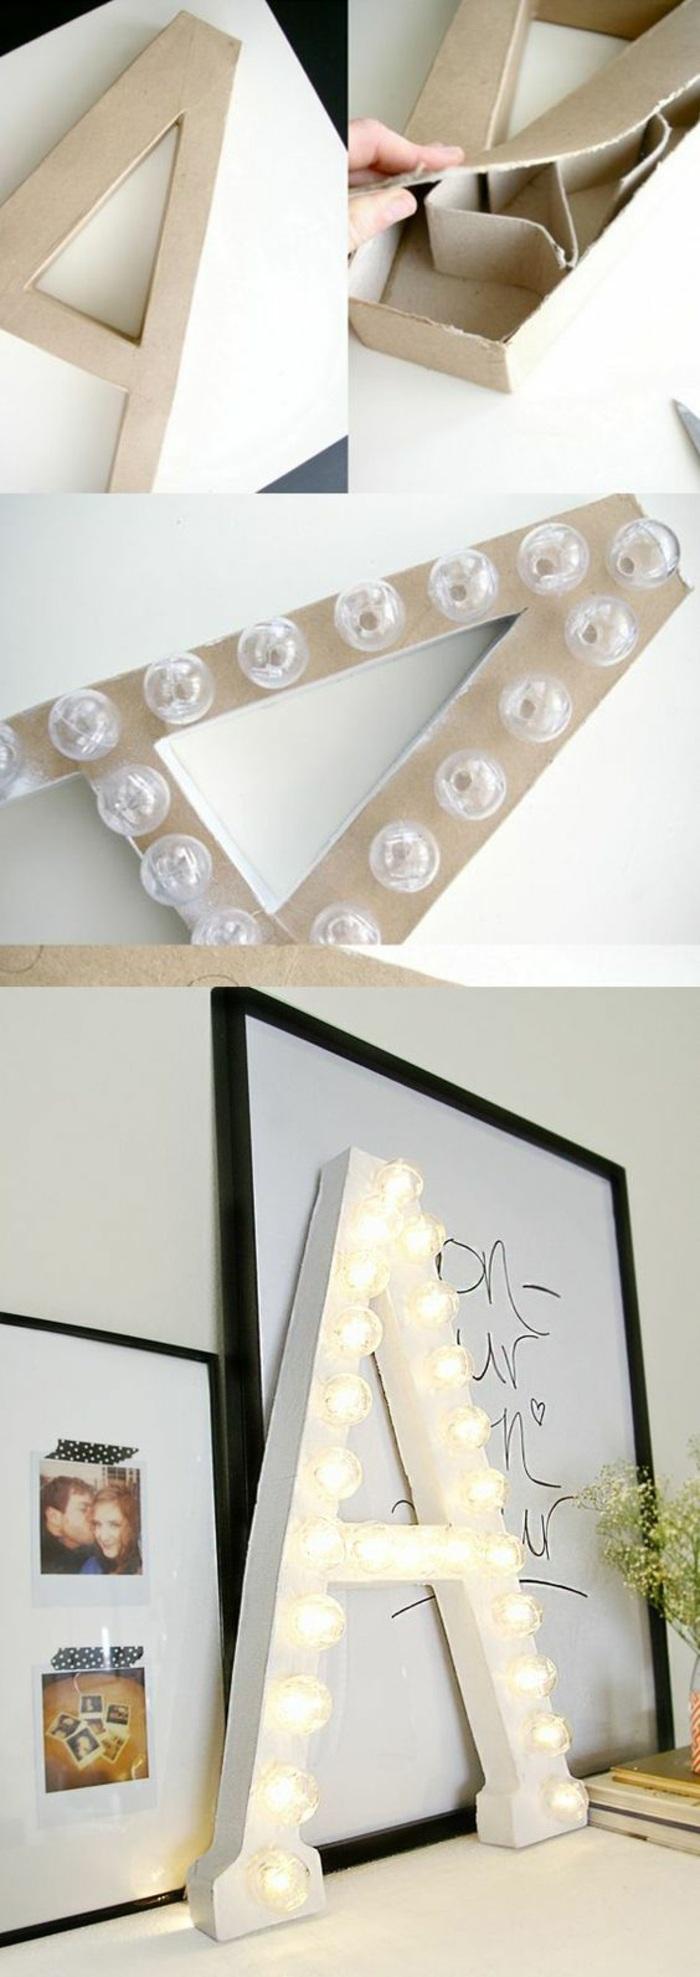 come decorare una lettera in cartone di grandi dimensioni, idea per creazioni fatte a mano